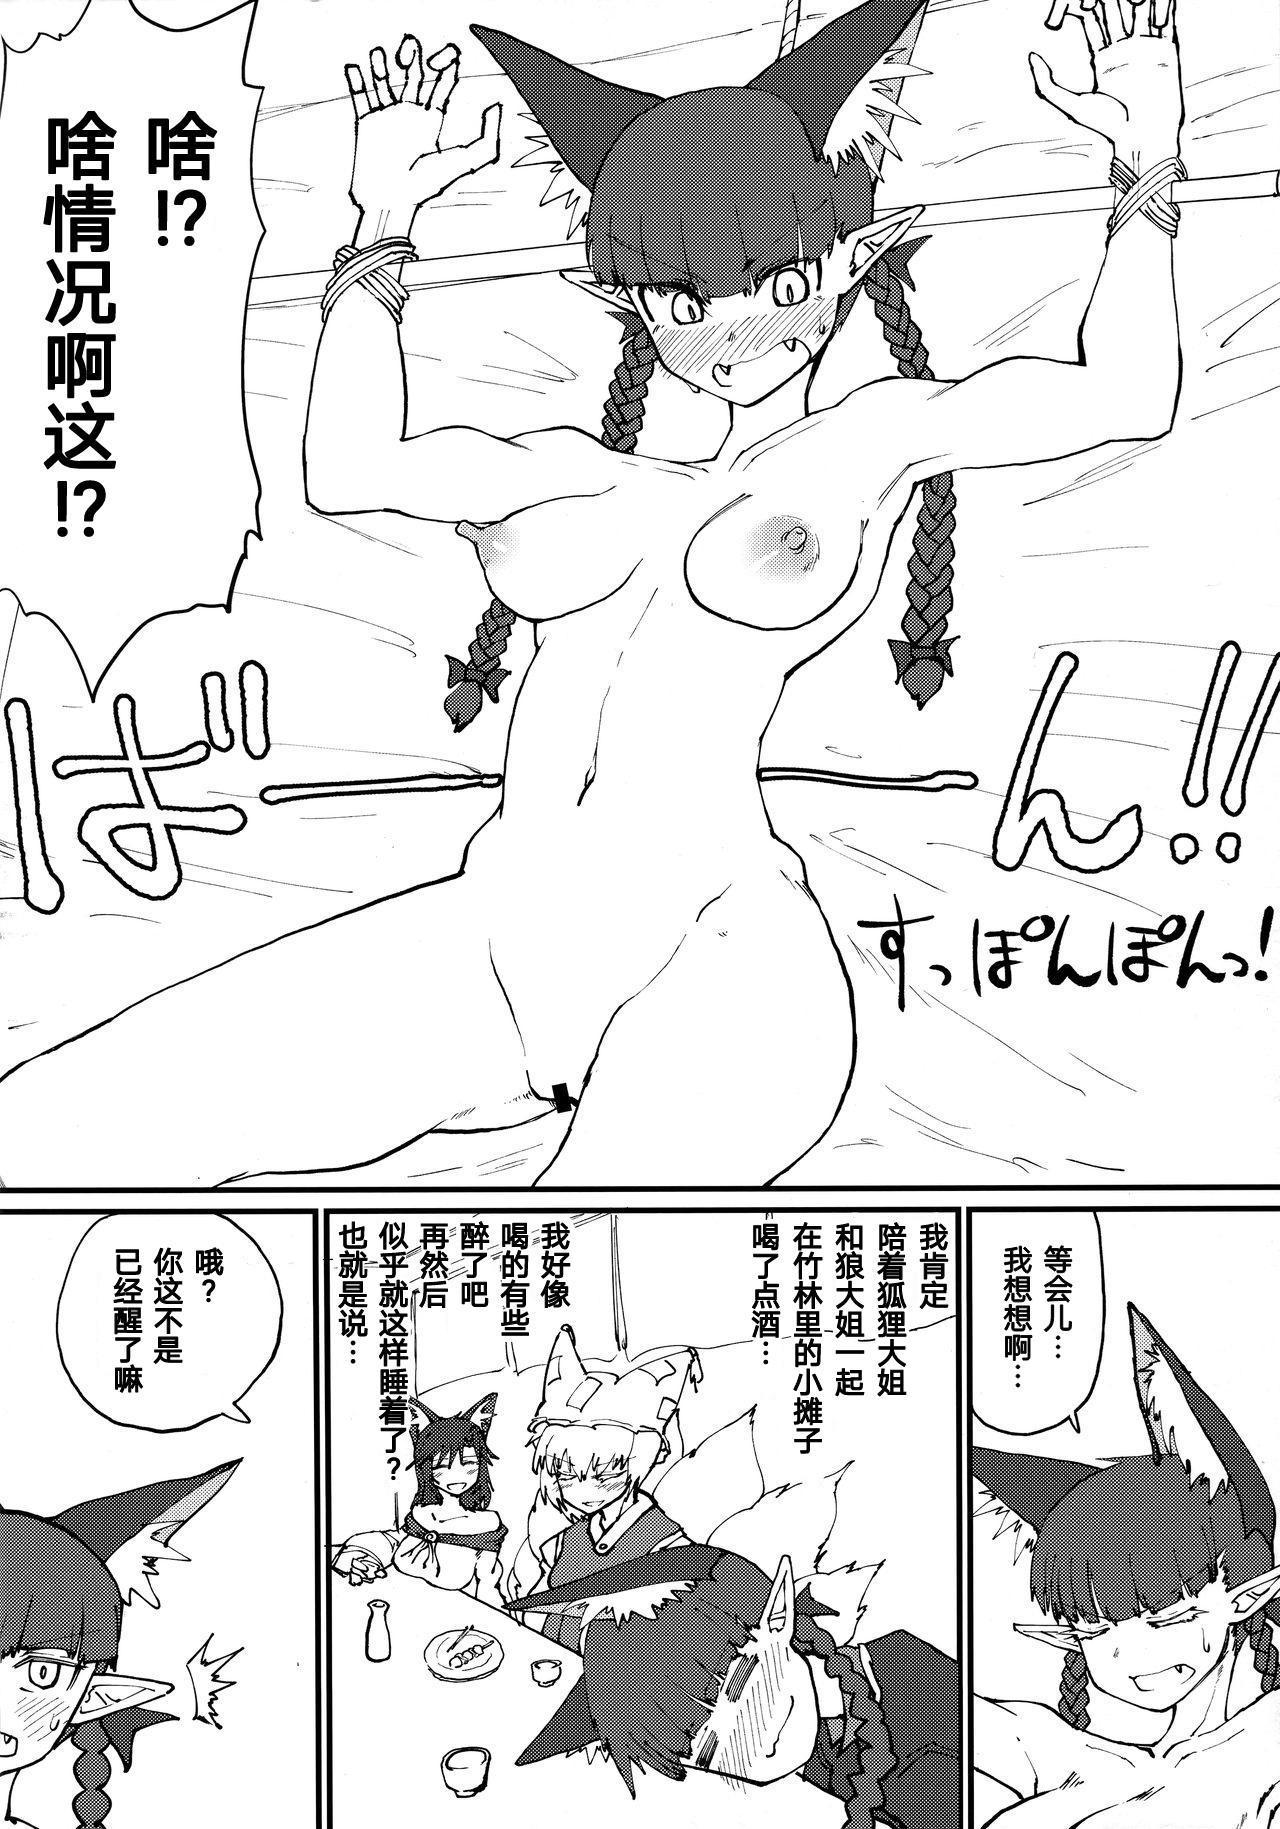 Hakeguchi Orin-chan! 2